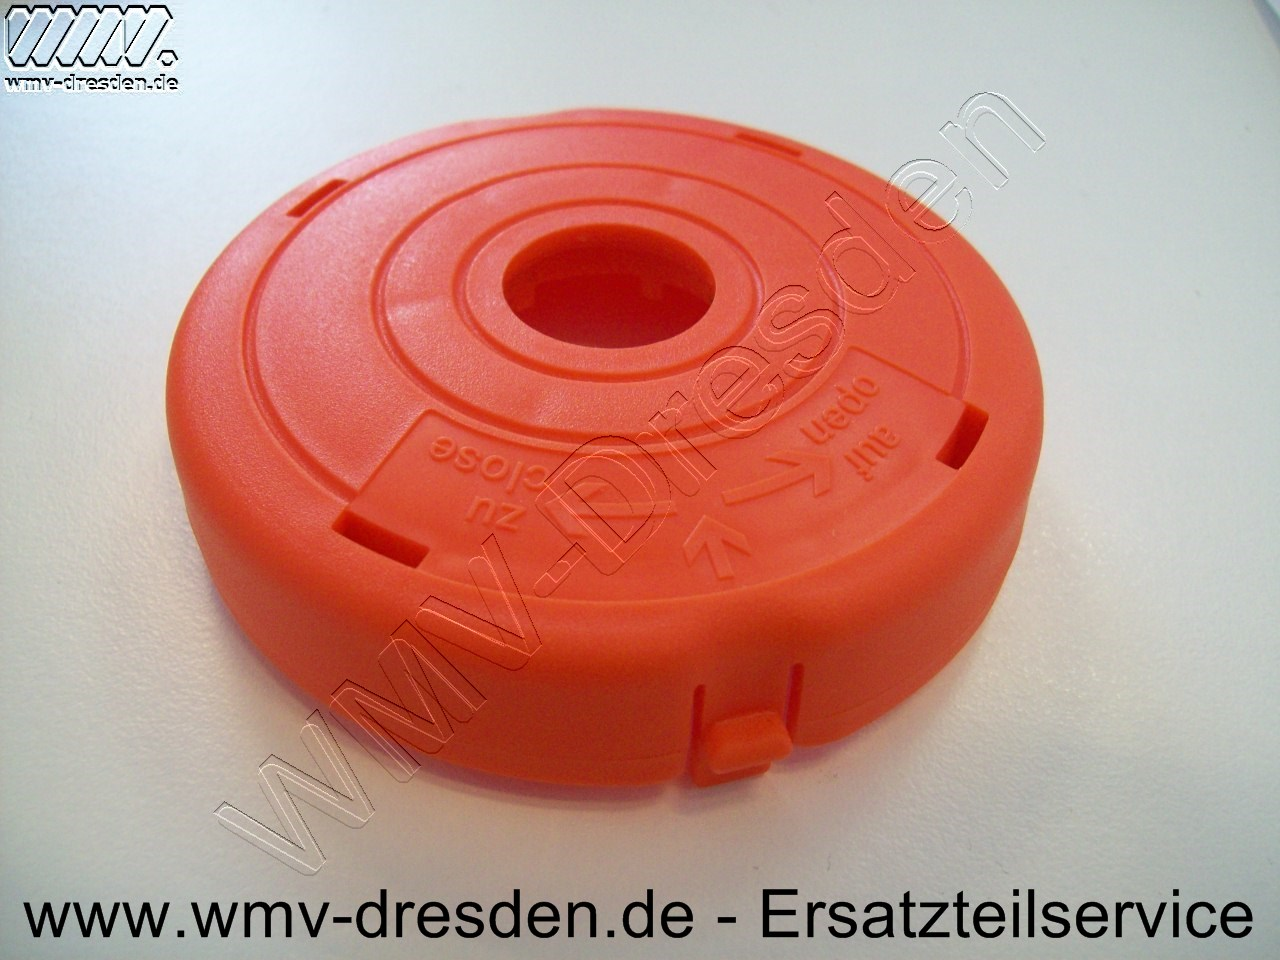 Deckel Rot, Aussendurchmesser 83 mm, Innenloch 18 mm, eine kleine Befestigungslasche >>> nur für Fadenspule Türkisfarben